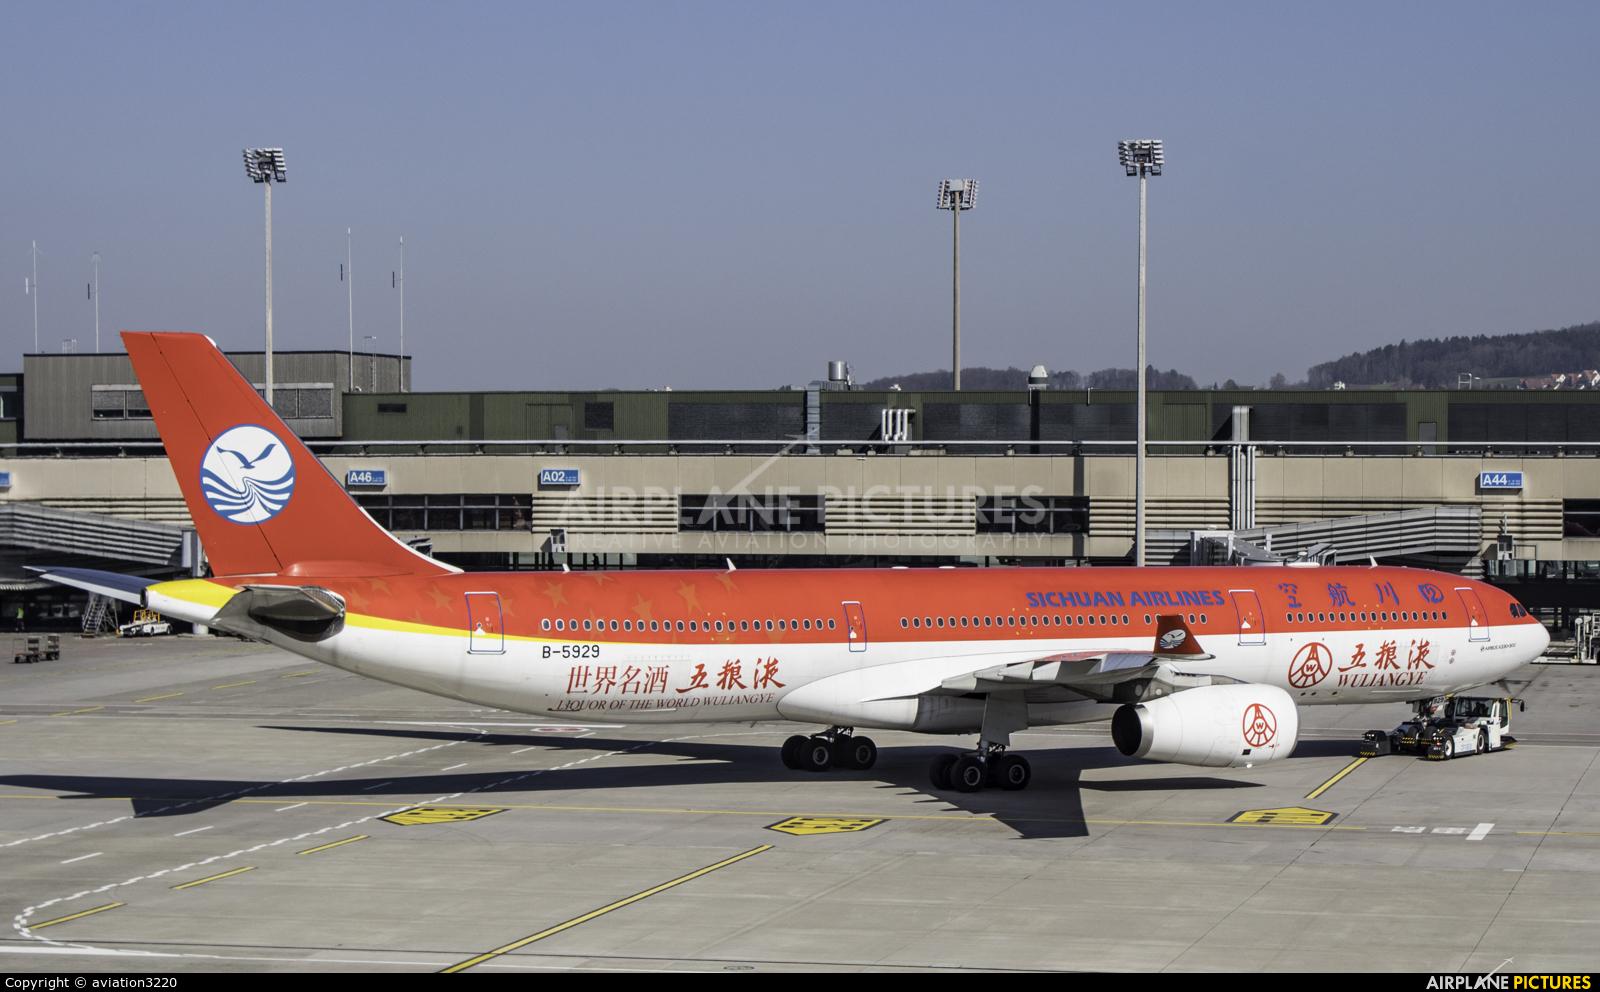 Sichuan Airlines  B-5929 aircraft at Zurich